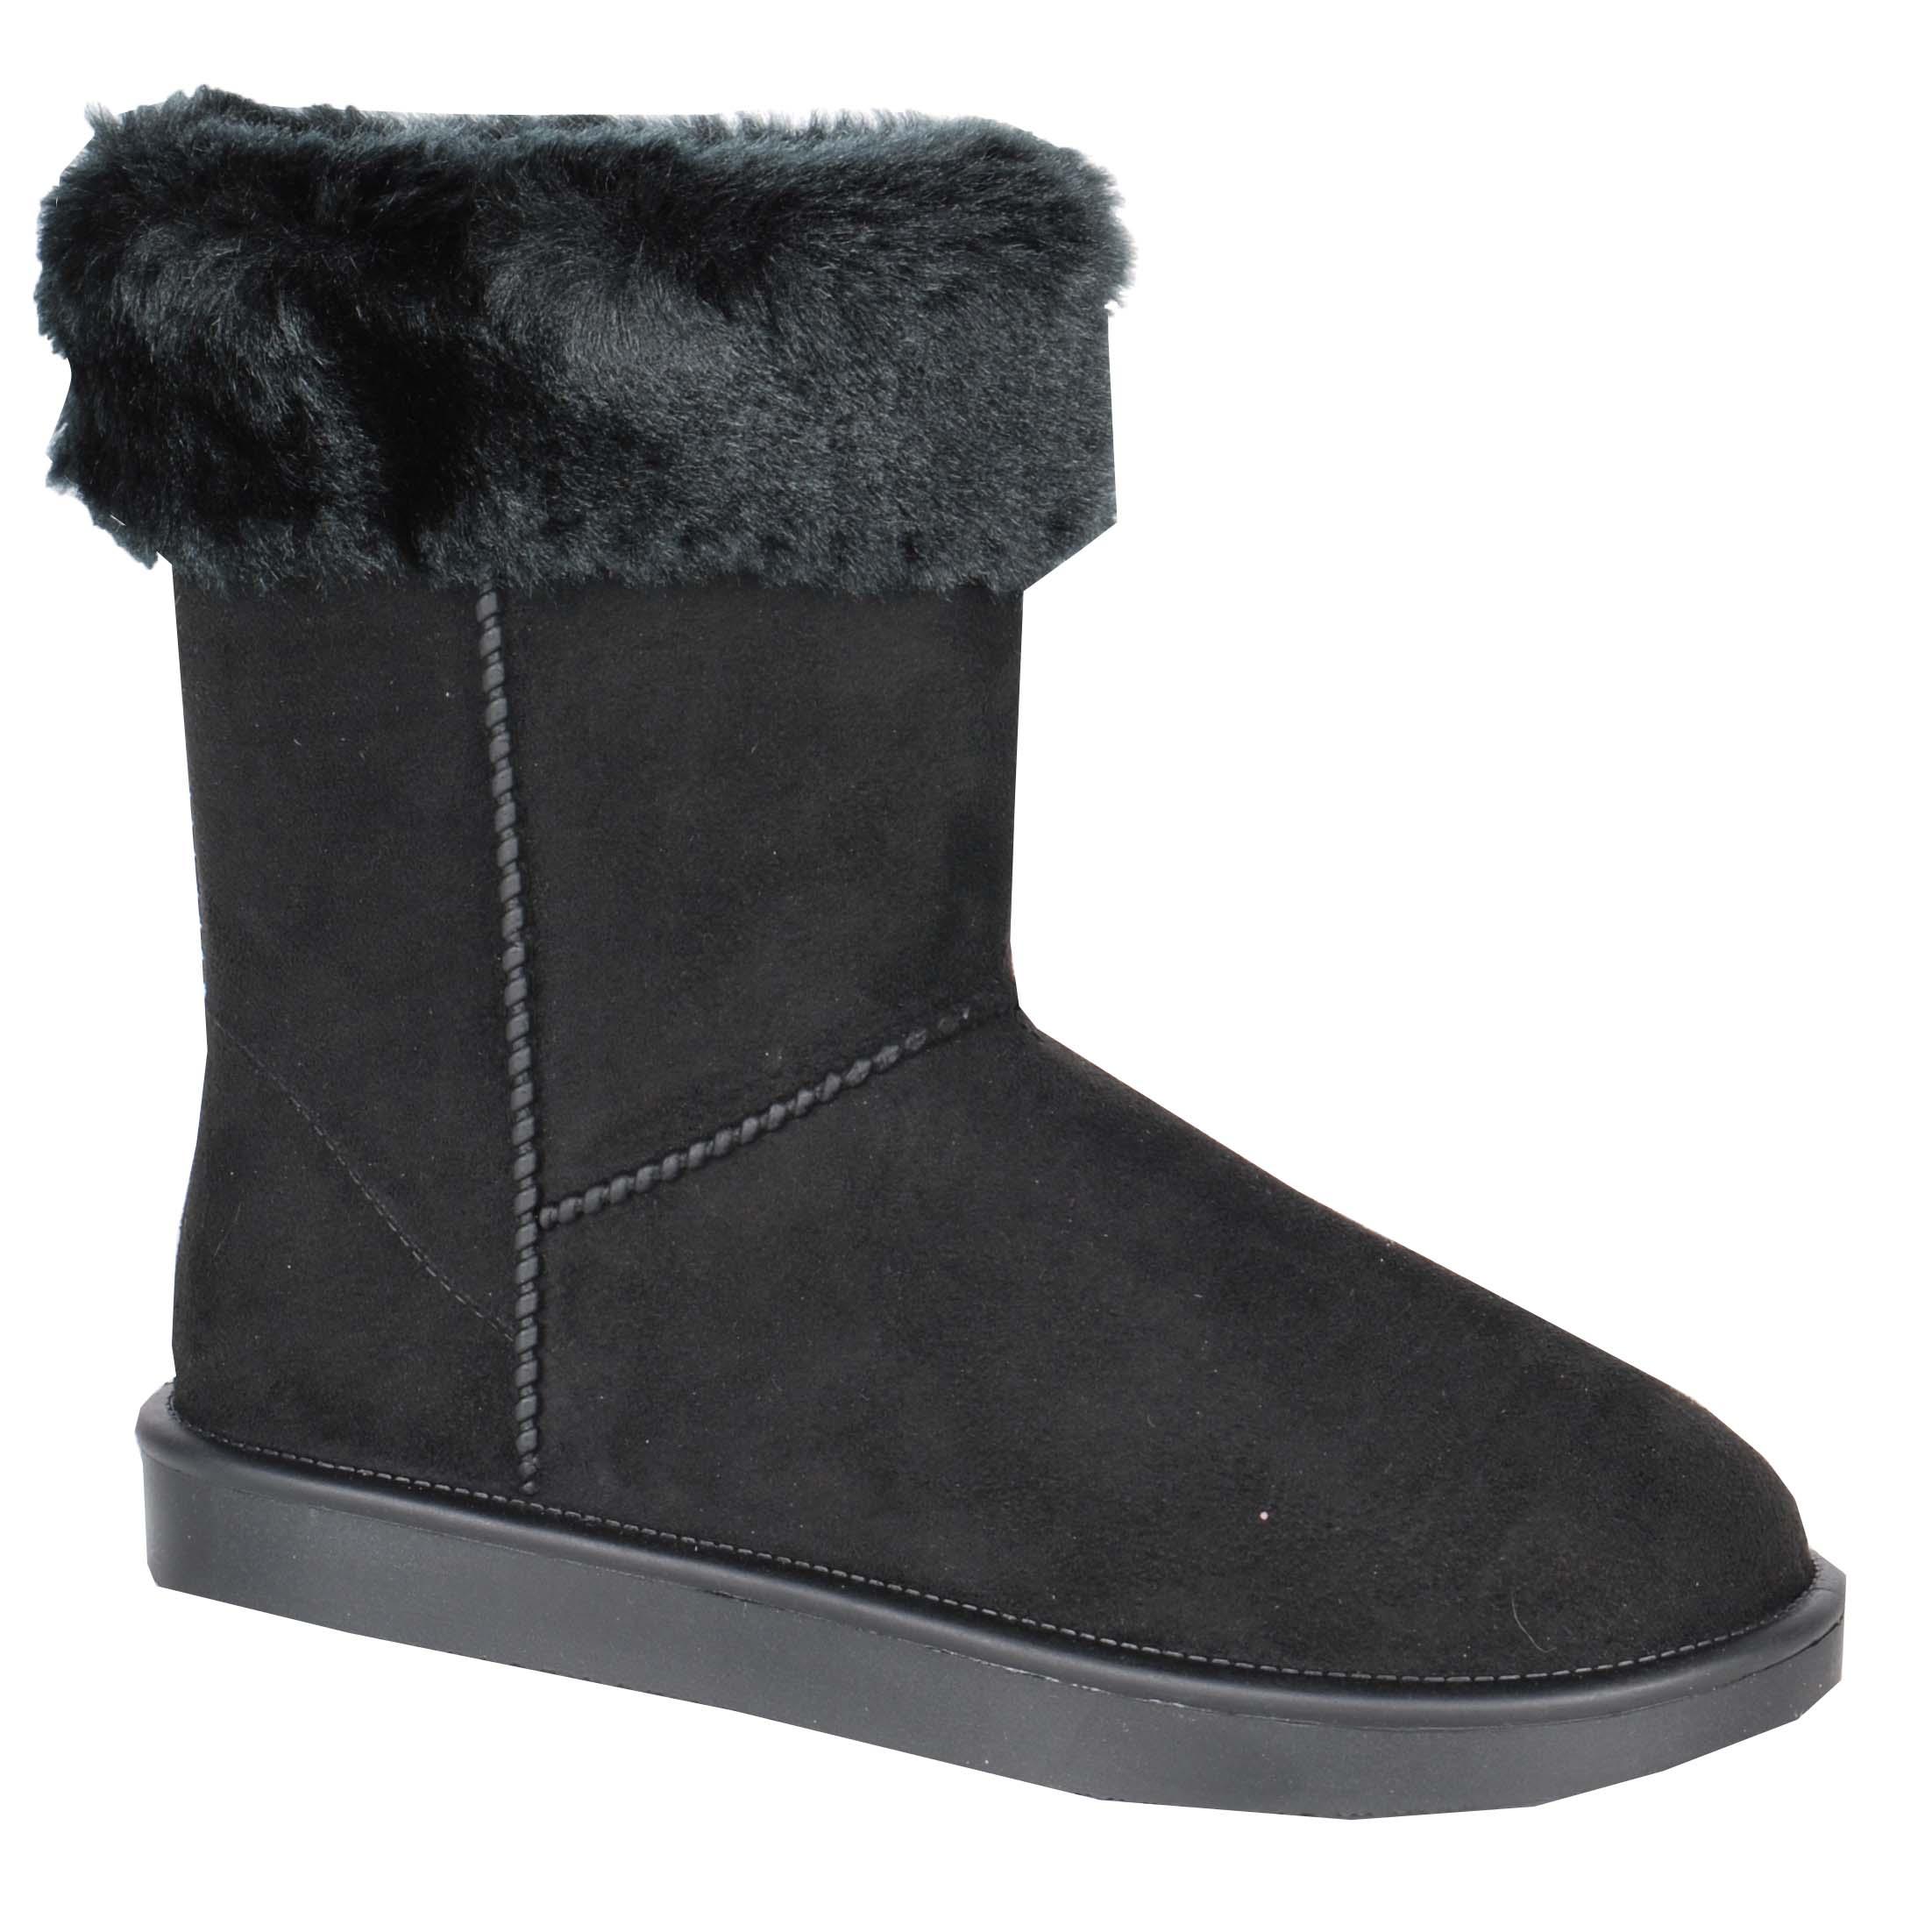 HKM Davos Fur vrijetijds laars zwart maat:36